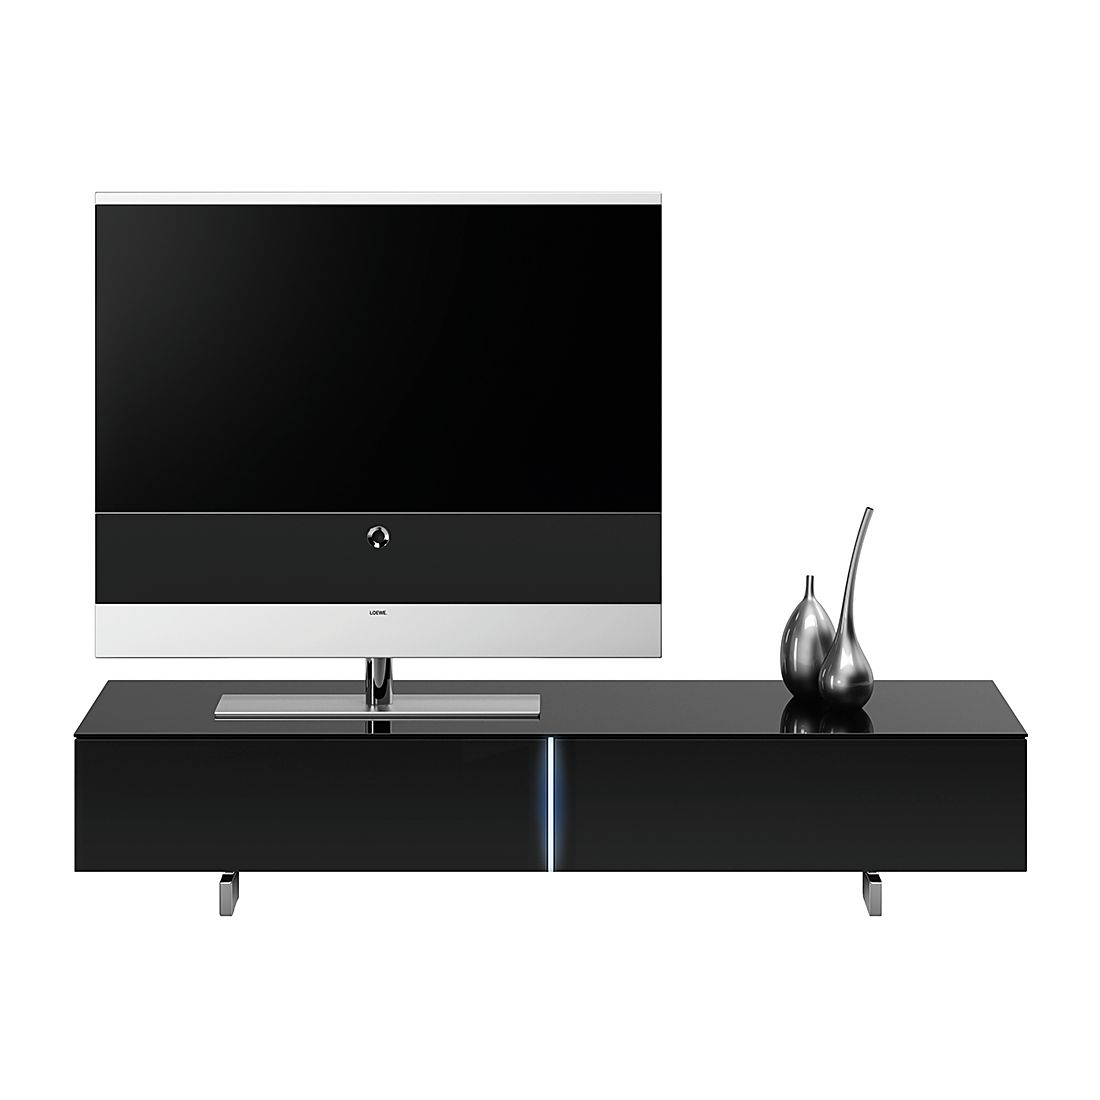 Meuble Tele Bas Ikea Solutions Pour La D Coration Int Rieure De  # Meuble Tv Delamaison